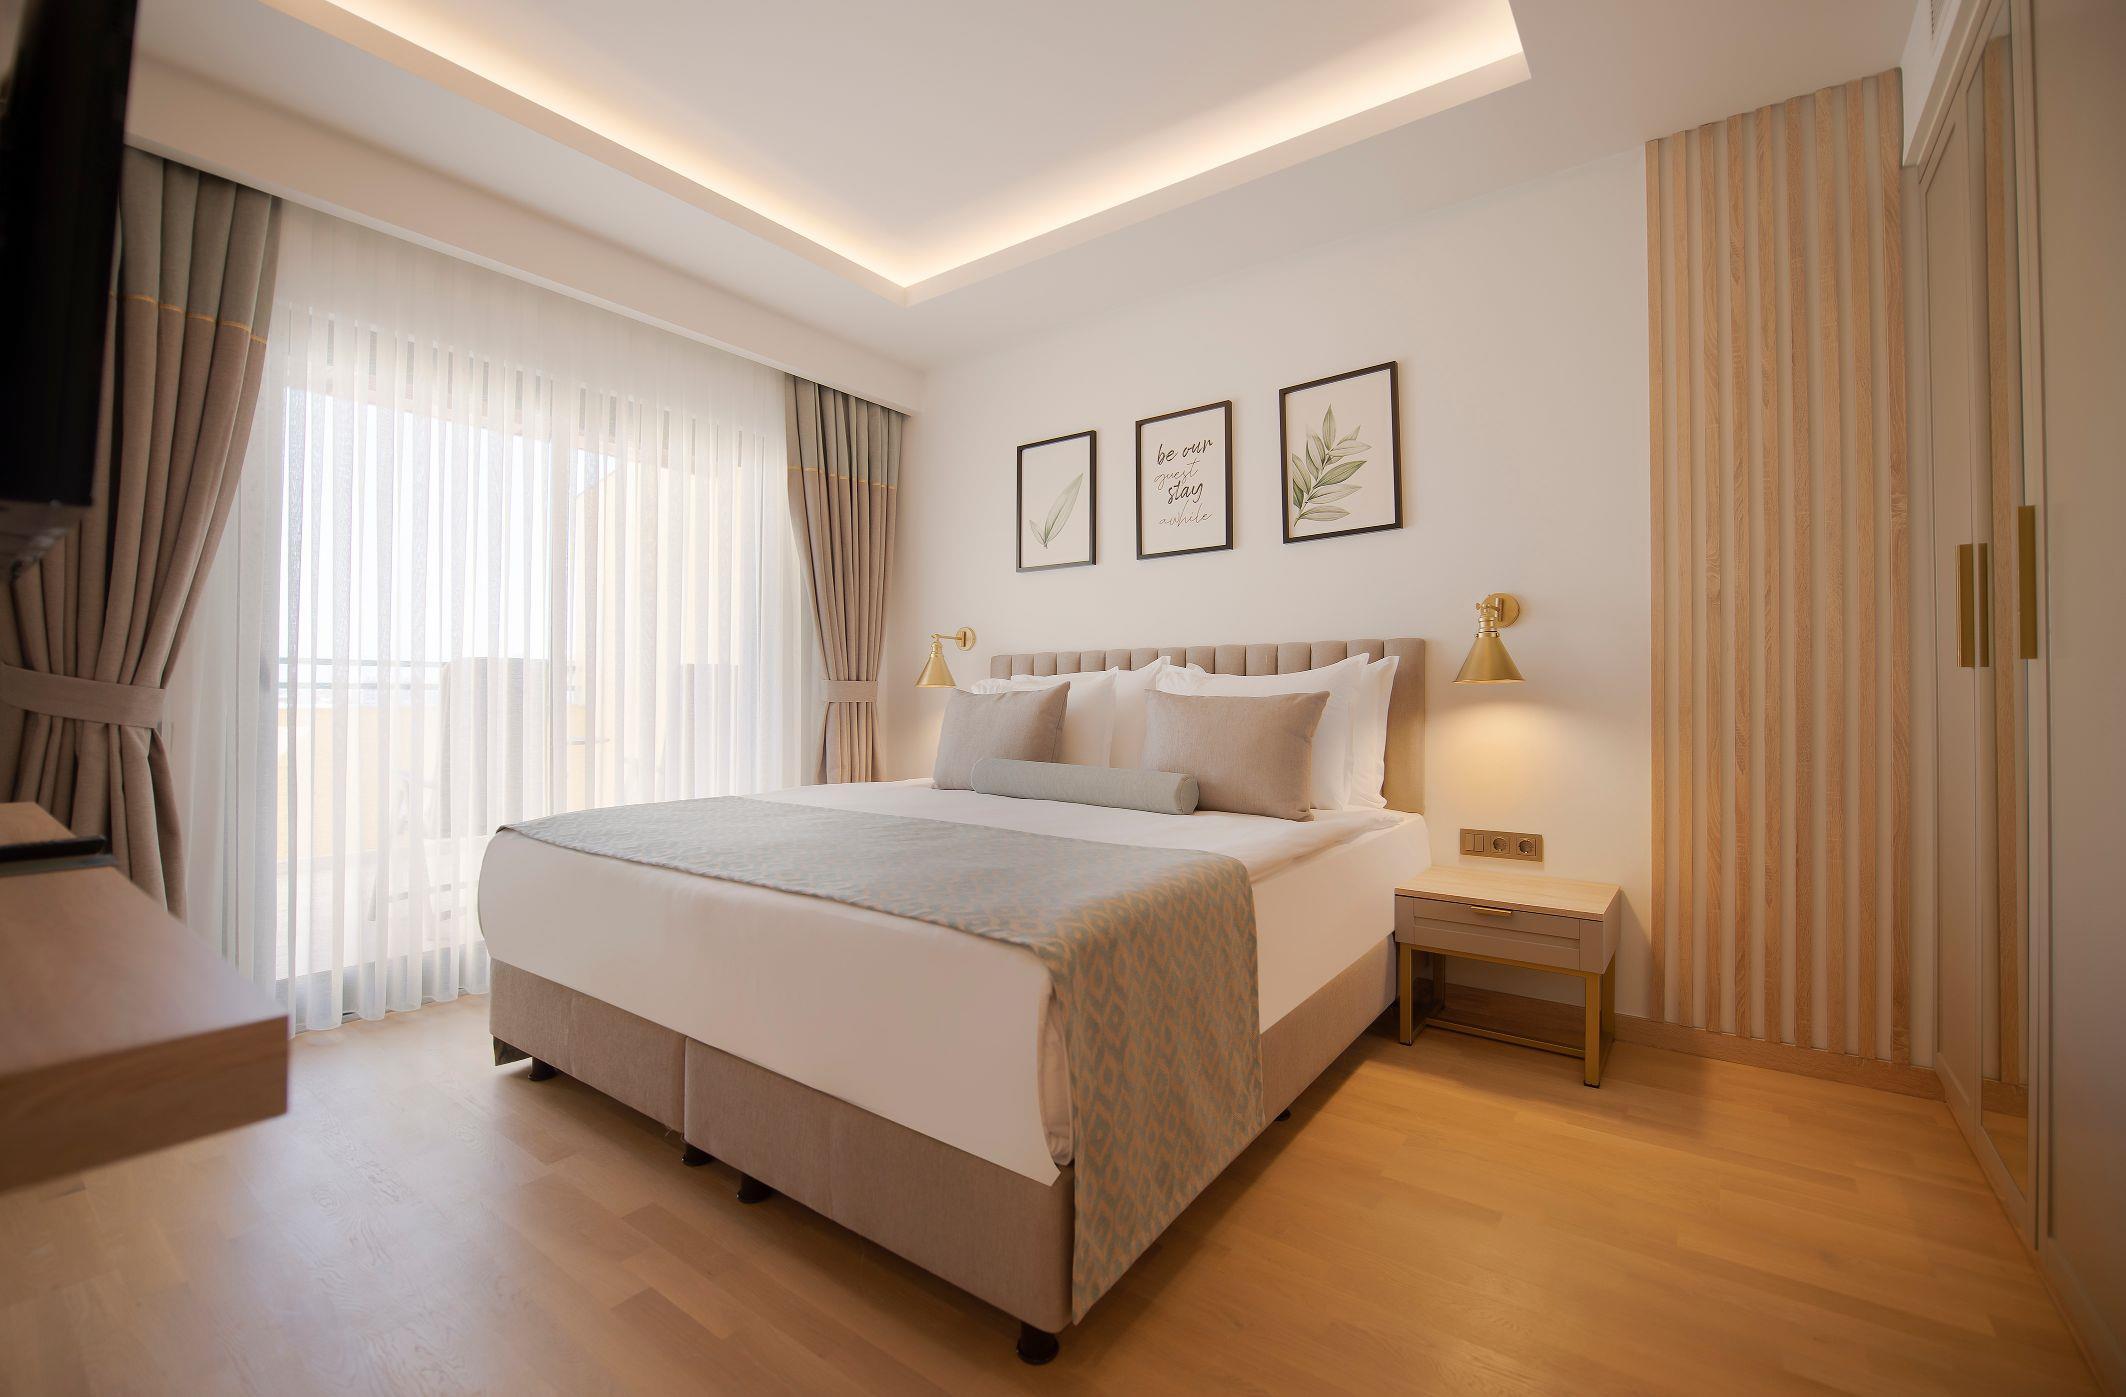 http://www.orextravel.sk/OREX/hotelphotos/miramare-queen-hotel-general-0027.jpg